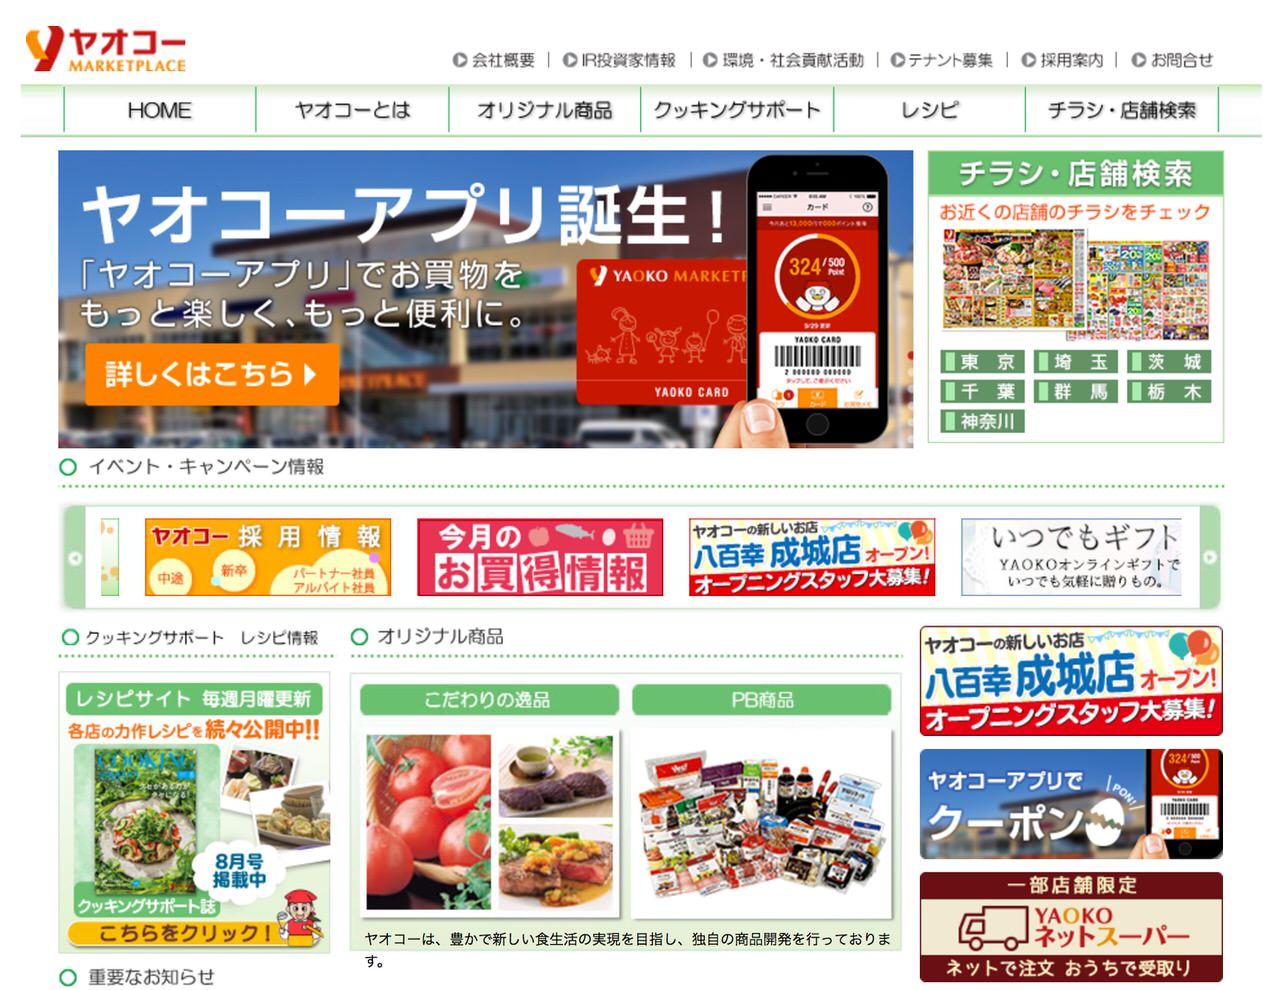 浦和パルコ、ヤオコーが大丸跡に 〜11月末開店